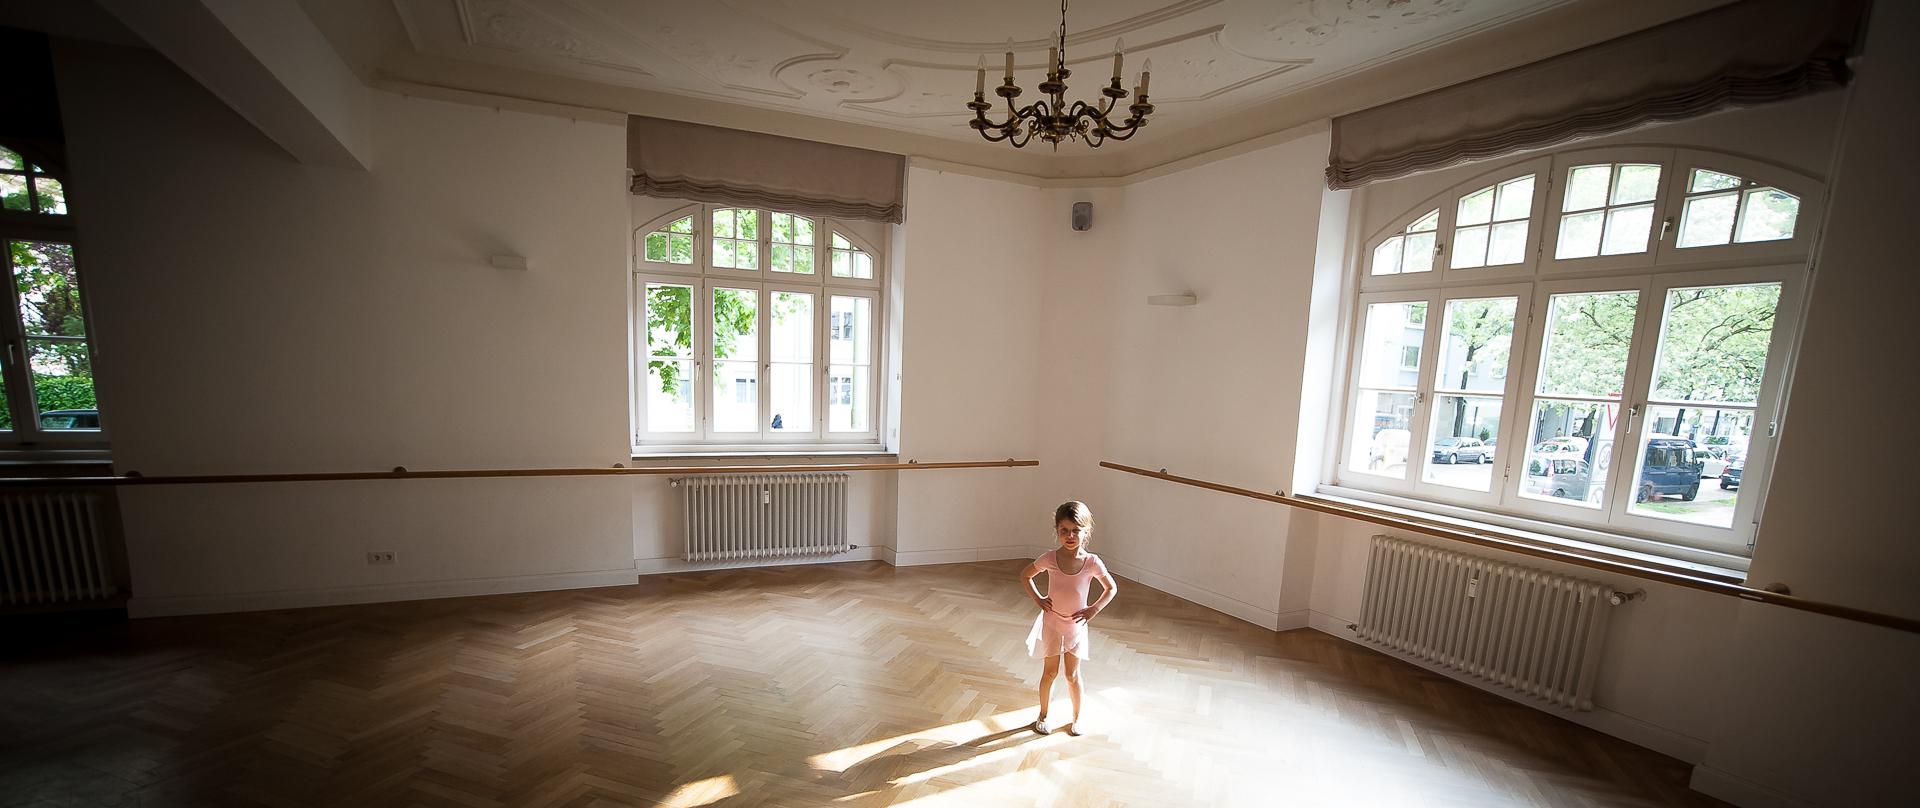 stehmeier-photography-fotograf-muenchen-slider-balletzentrum-schwabing-kind-tanzen-balletraum-shooting